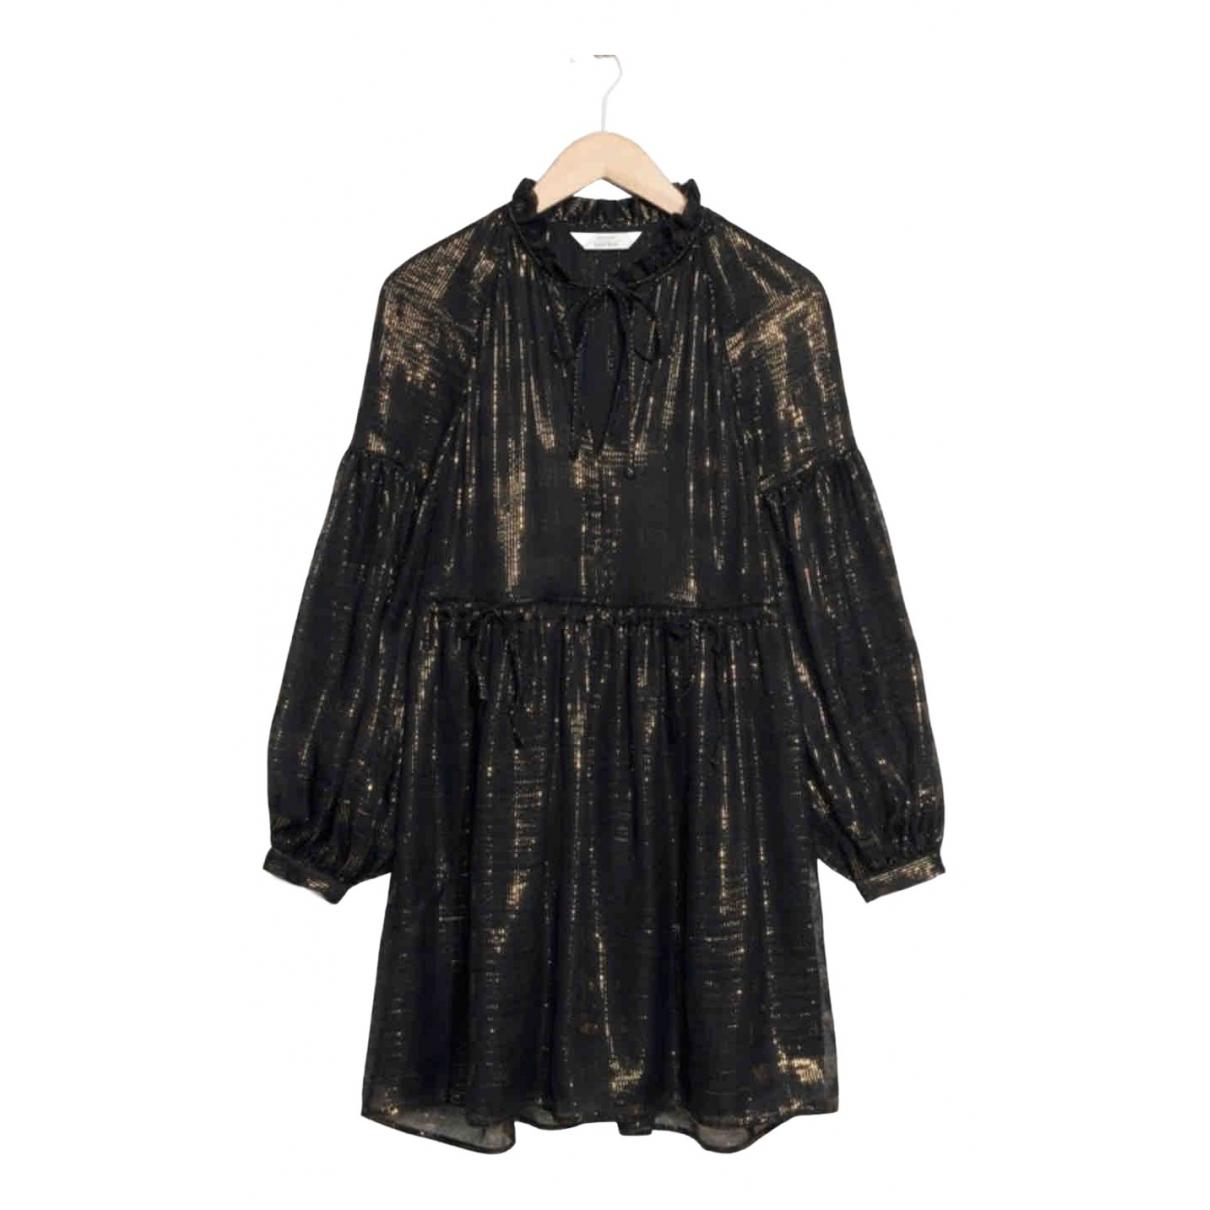 & Stories \N Black Silk dress for Women 36 FR